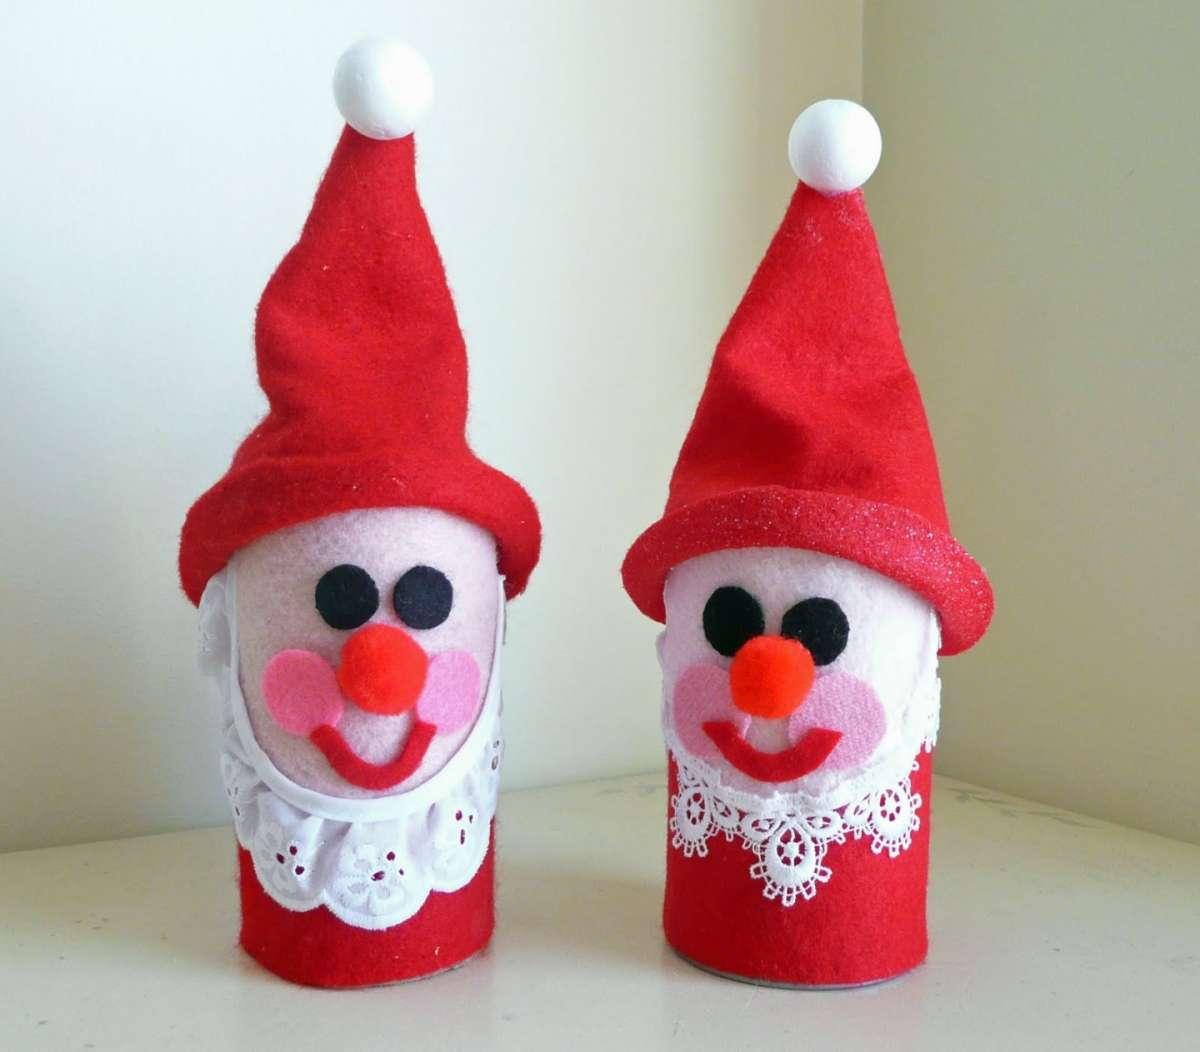 Lavoretti Di Natale Per Bambini Prima Elementare.Lavoretti Di Natale Per La Prima Elementare Foto Pourfemme